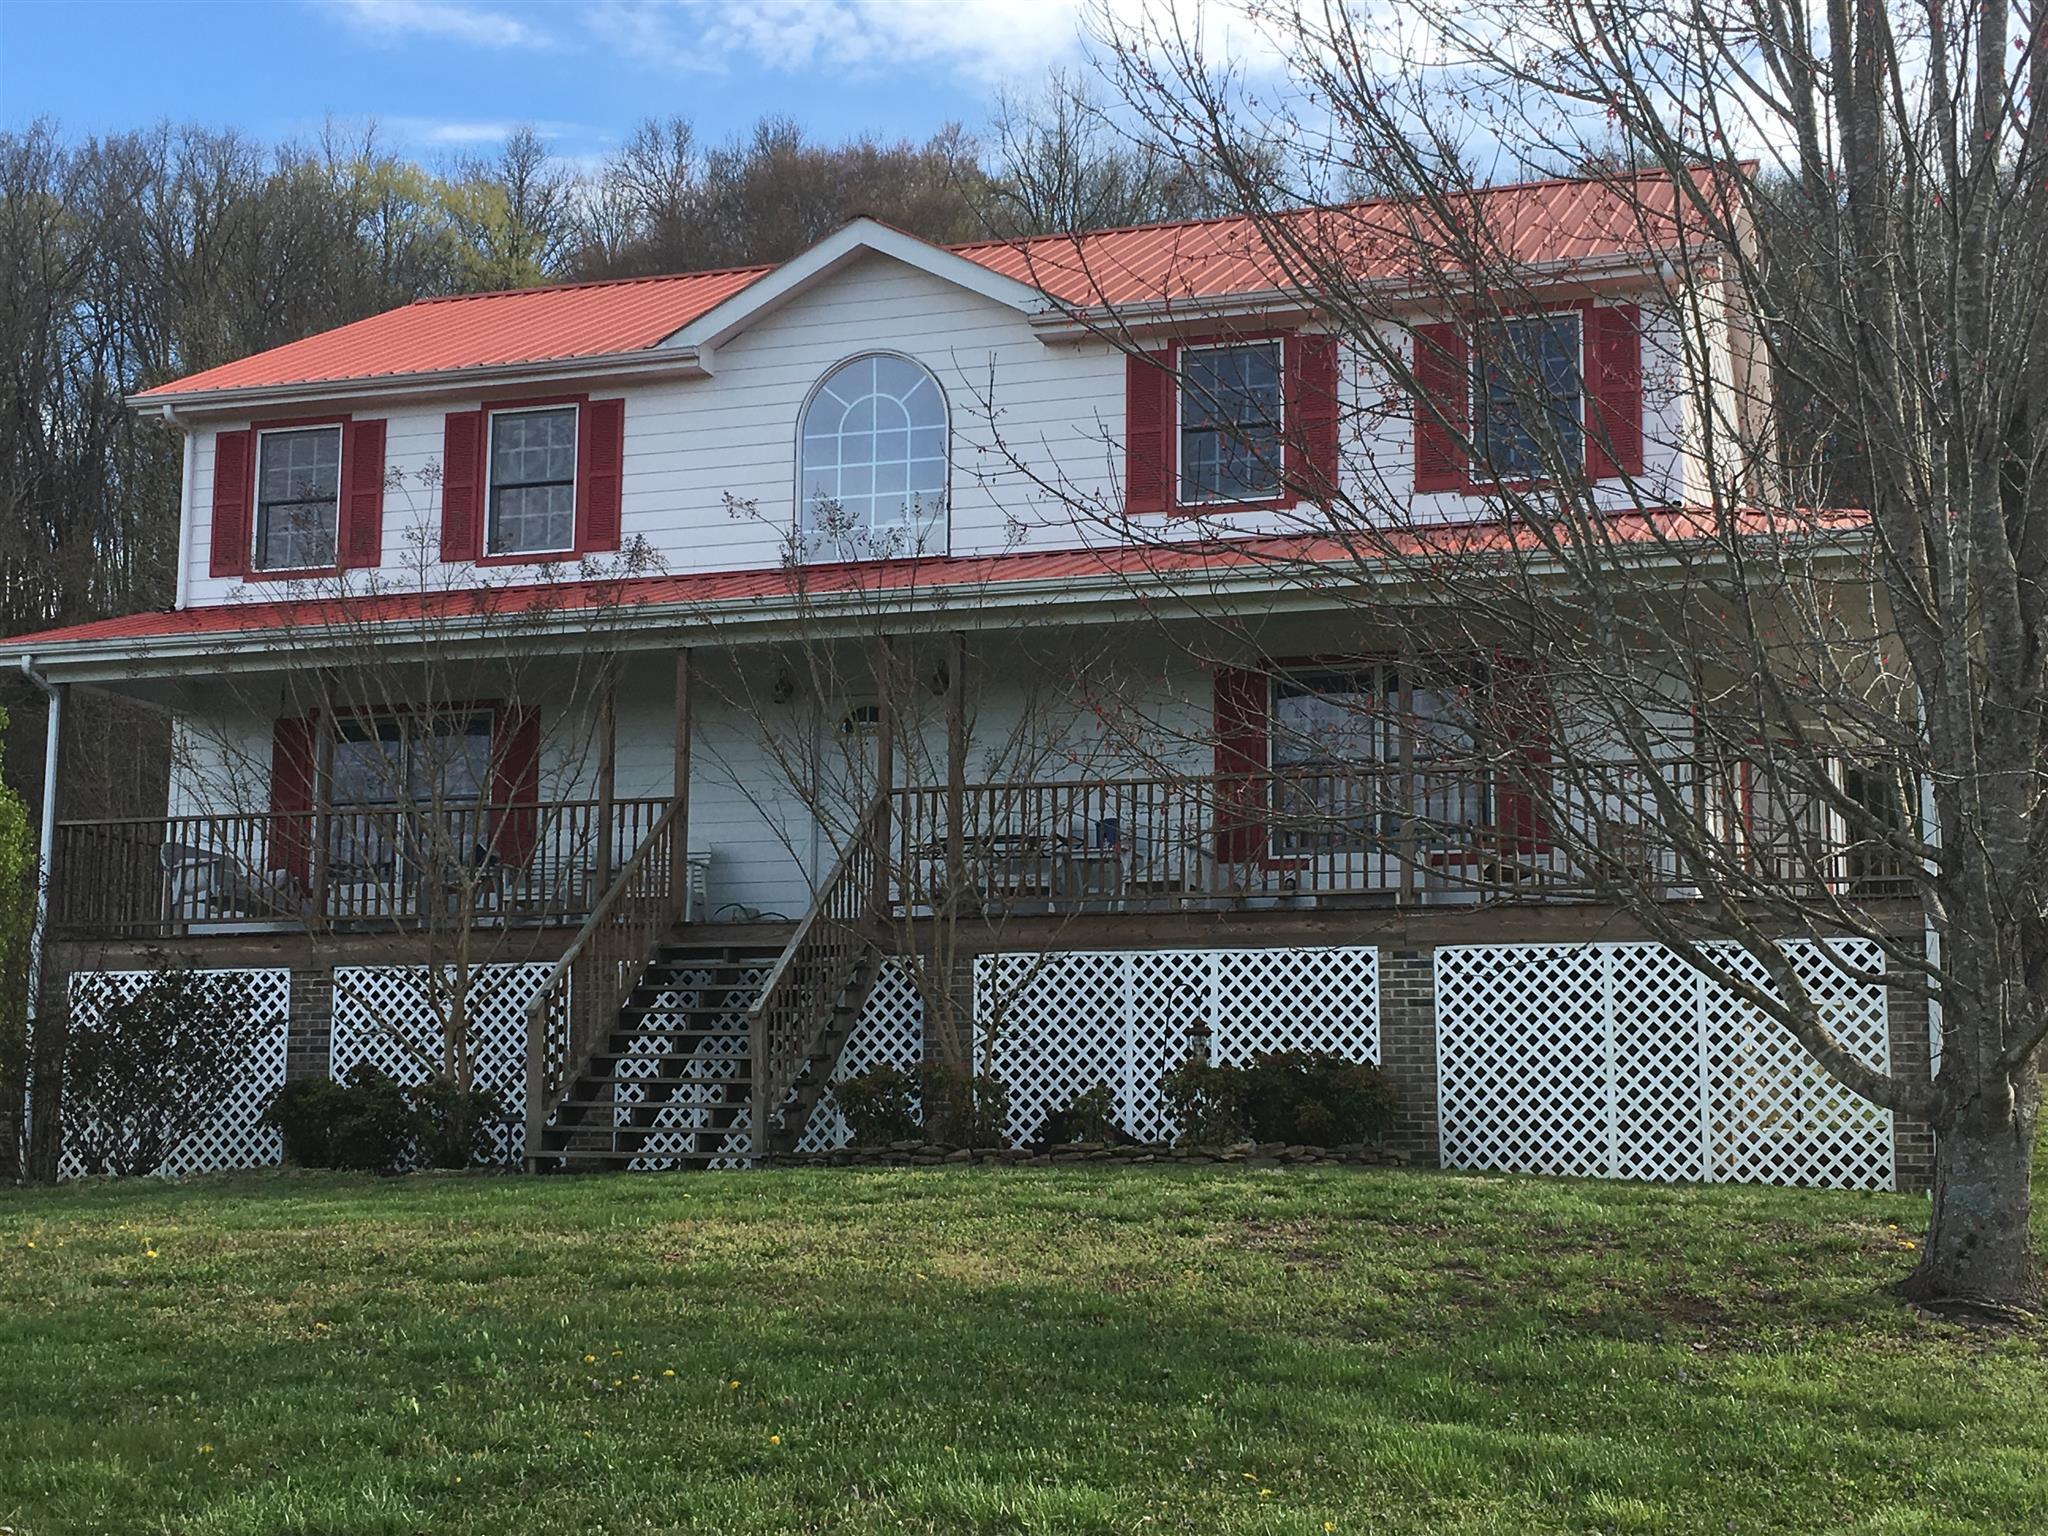 10490 STATESVILLE RD, Auburntown, TN 37016 - Auburntown, TN real estate listing